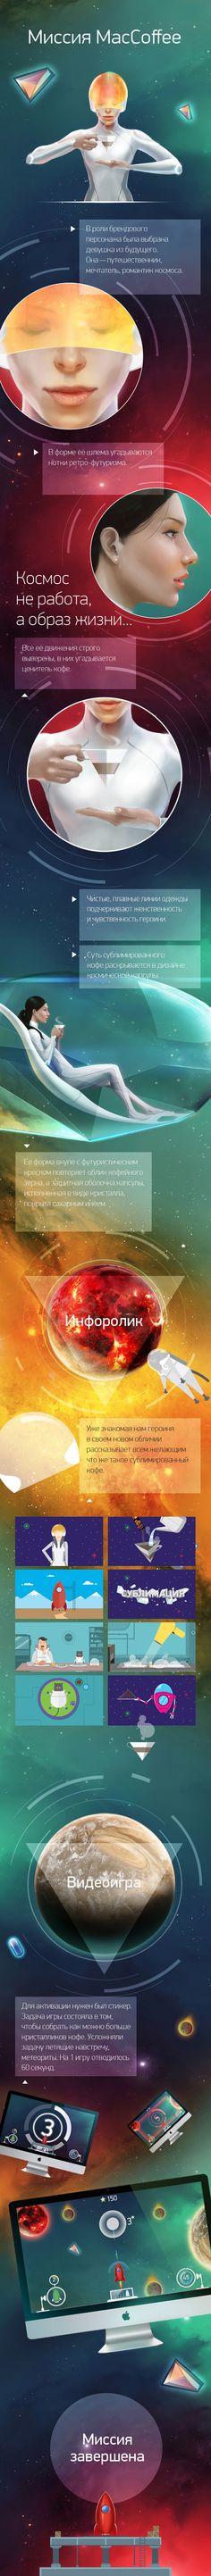 Наша команда реализовала 2 совместных проекта с одним из крупных игроков на рынке казахстанской рекламы - агентством Tribal Almaty  Первой на очереди стояла разработка визуальной части промо-акции для новой линейки сублимированного MacCoffee. Тематикой был избран космос будущего, а в списке задач числились: key-вижуал, графическое оформление игры, элементы которой использовались в оформлении промо-сайта, создание 2d-графики для explainer video. MacCoffee by fingers, via Behance